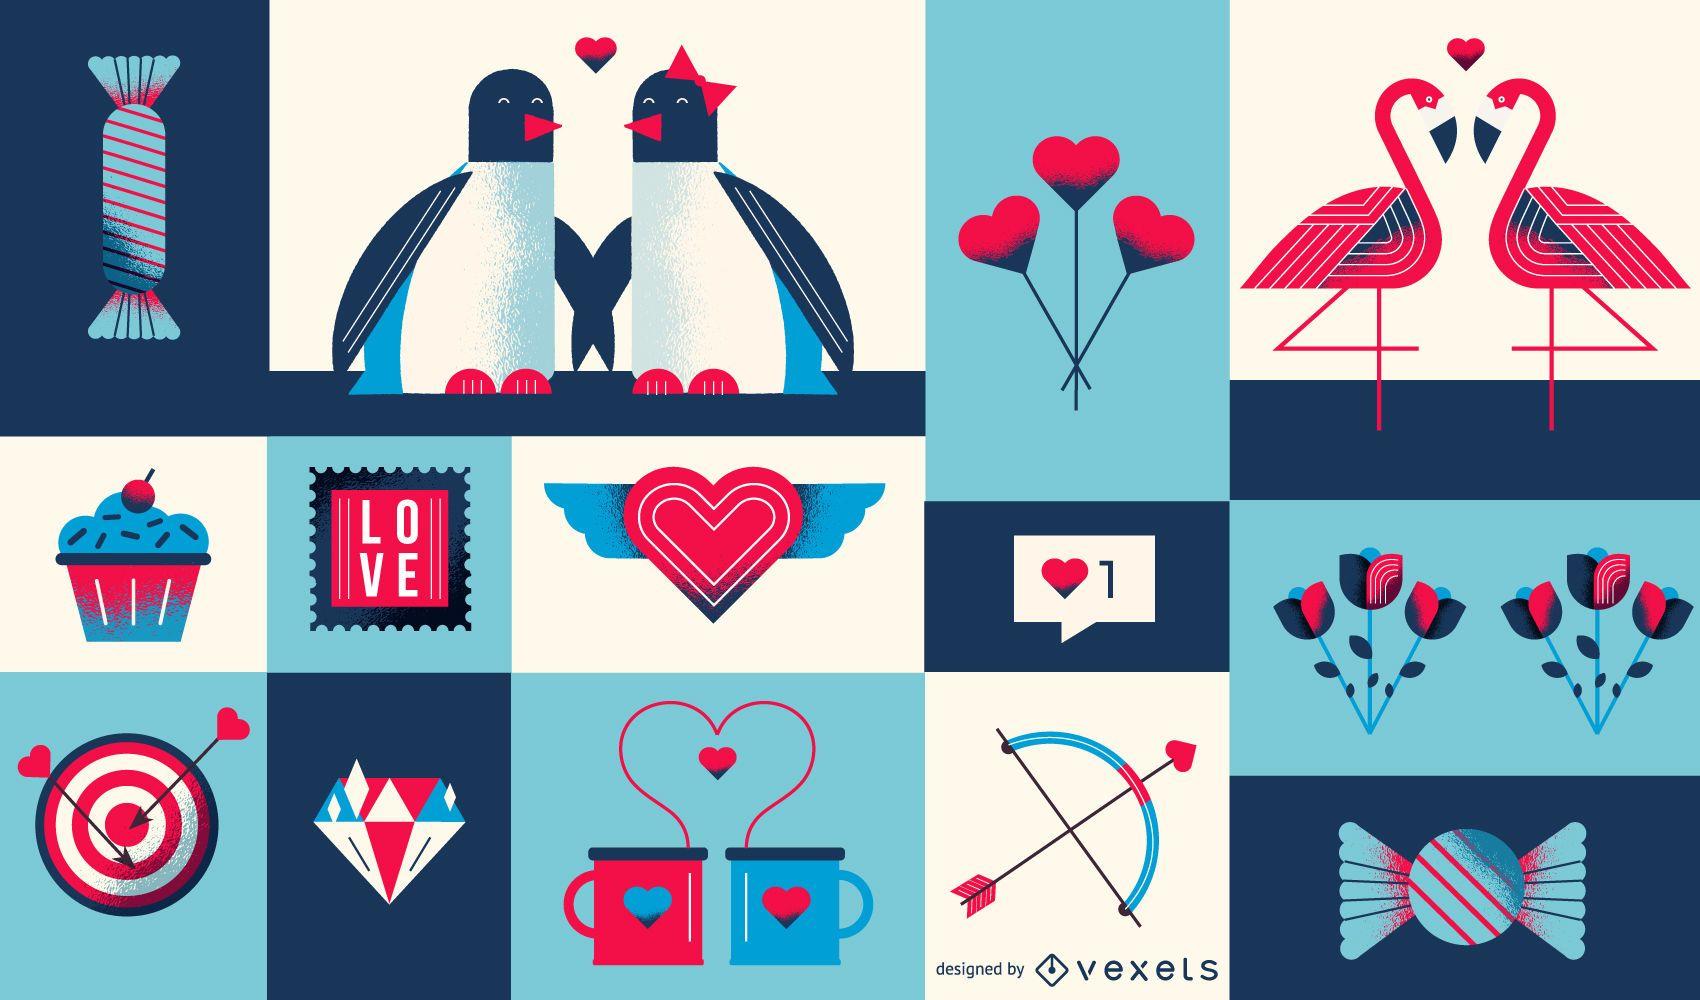 Geometrische Komposition zum Valentinstag